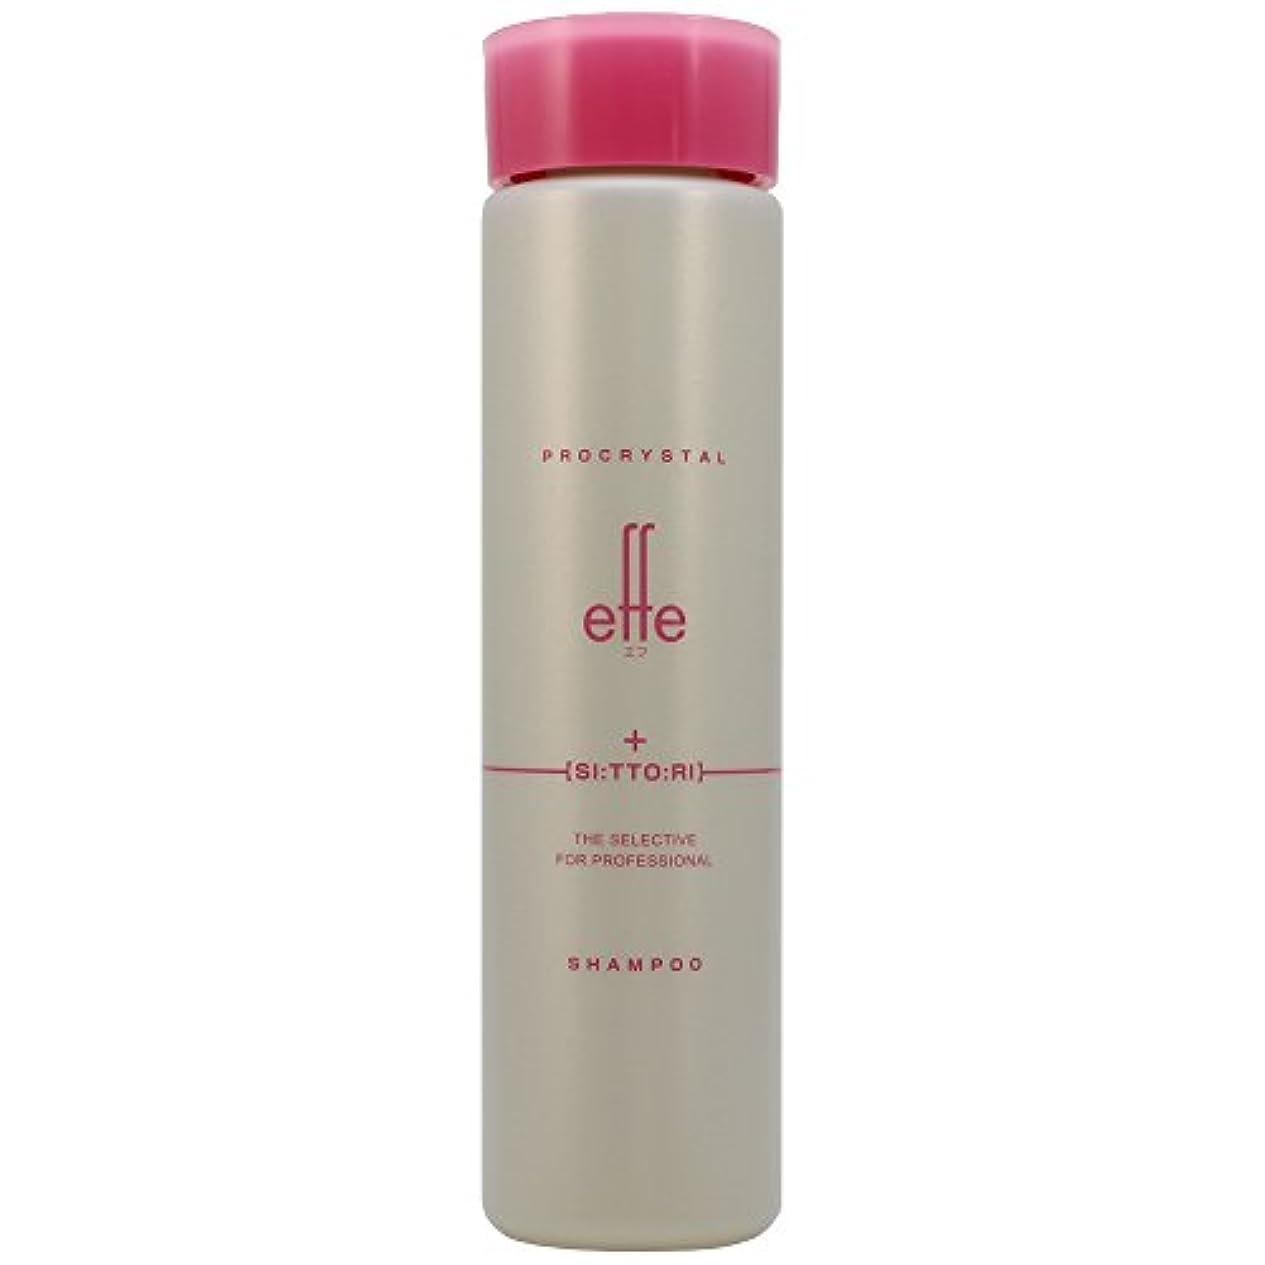 強制化学者検索エンジンマーケティングアペティート化粧品 プロクリスタル effe (エフ) シャンプー しっとり250ml